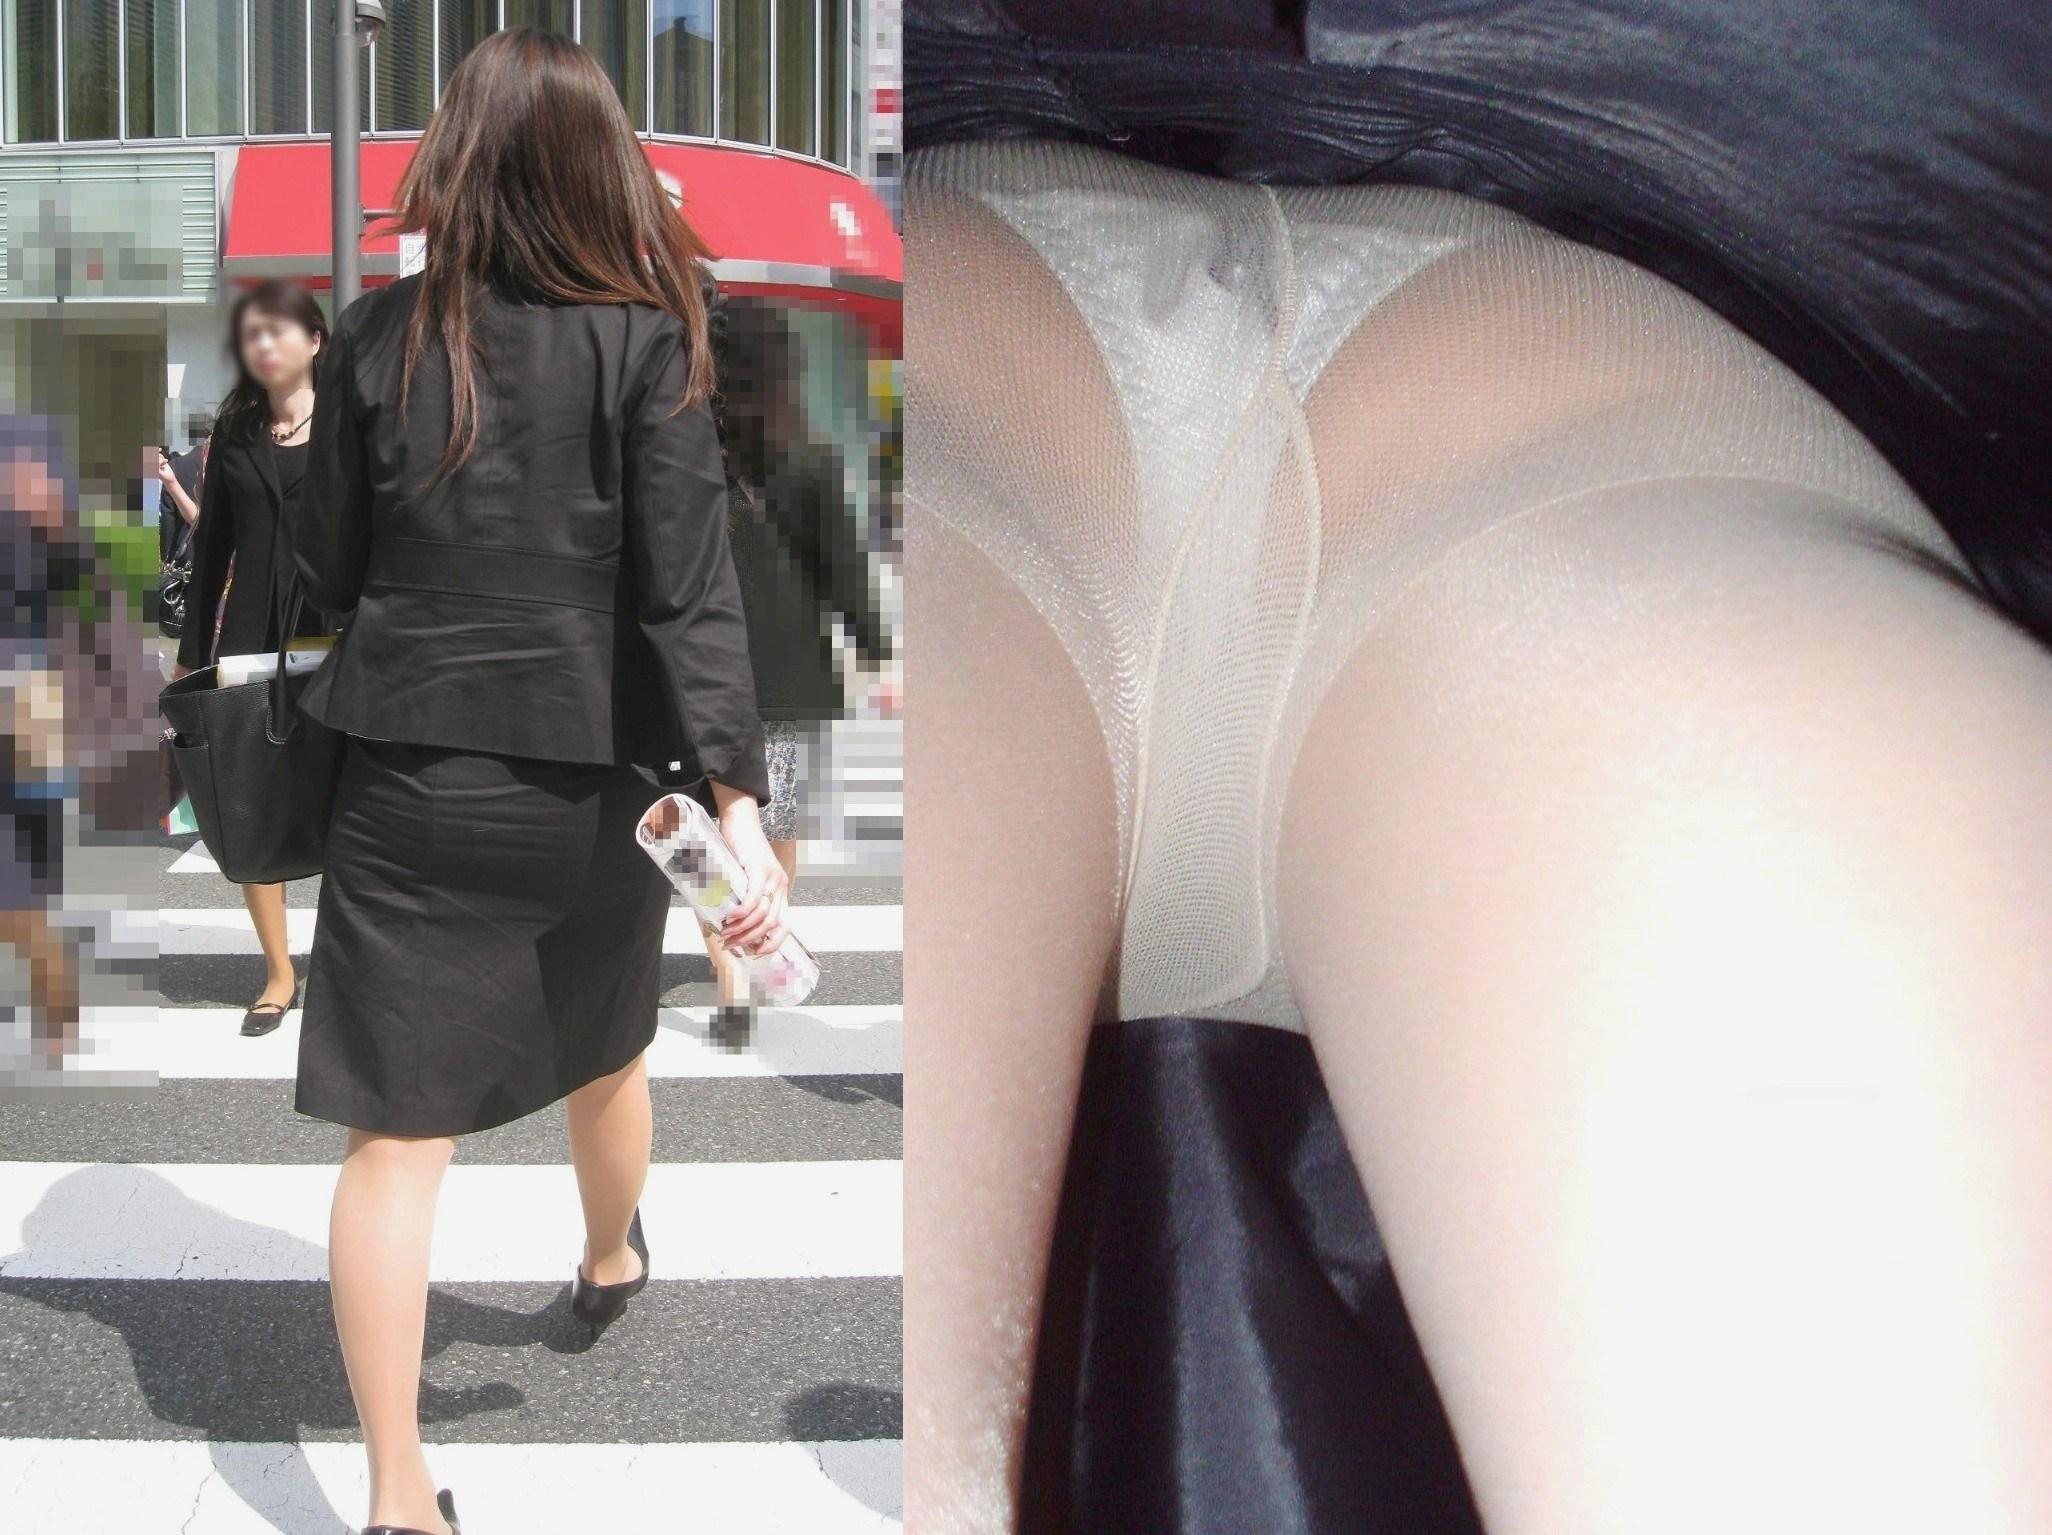 新卒っぽい新人OLさんのスカート内を真下から撮影!